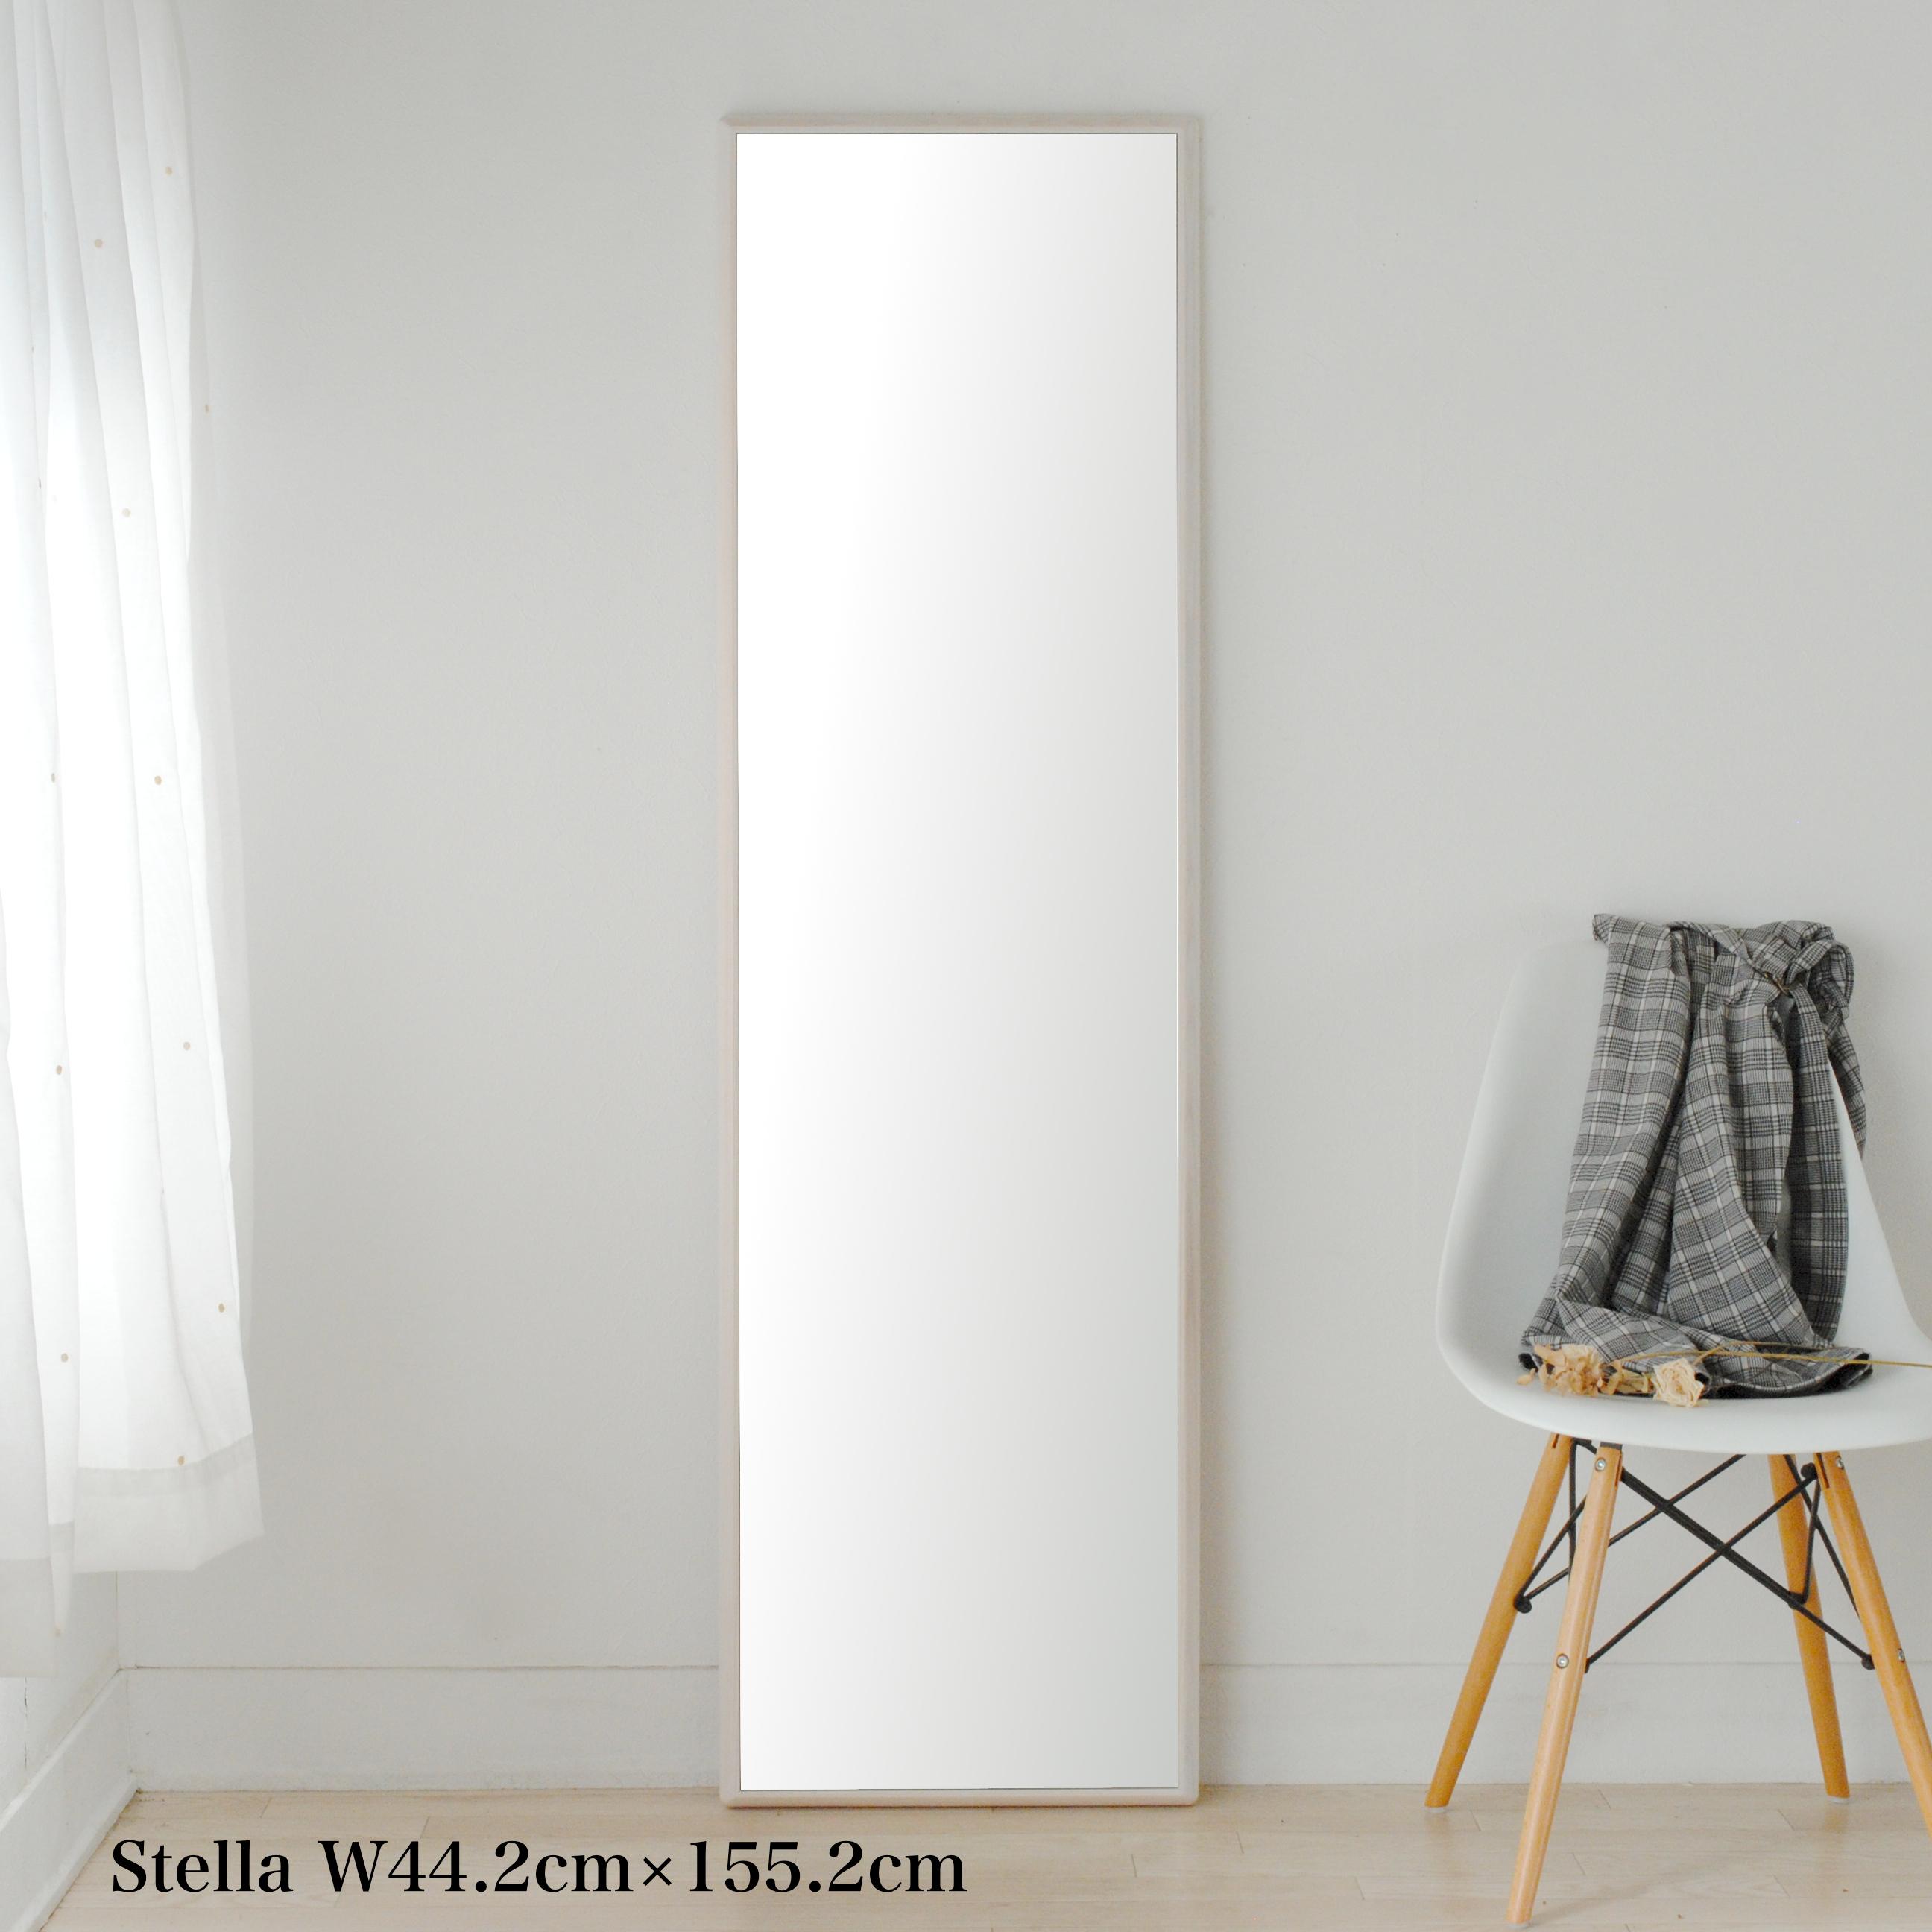 【限定カラー】ステラ ウォールミラー ホワイトアッシュ 壁掛け 全身 鏡 日本製 ホワイトカラー 雪色